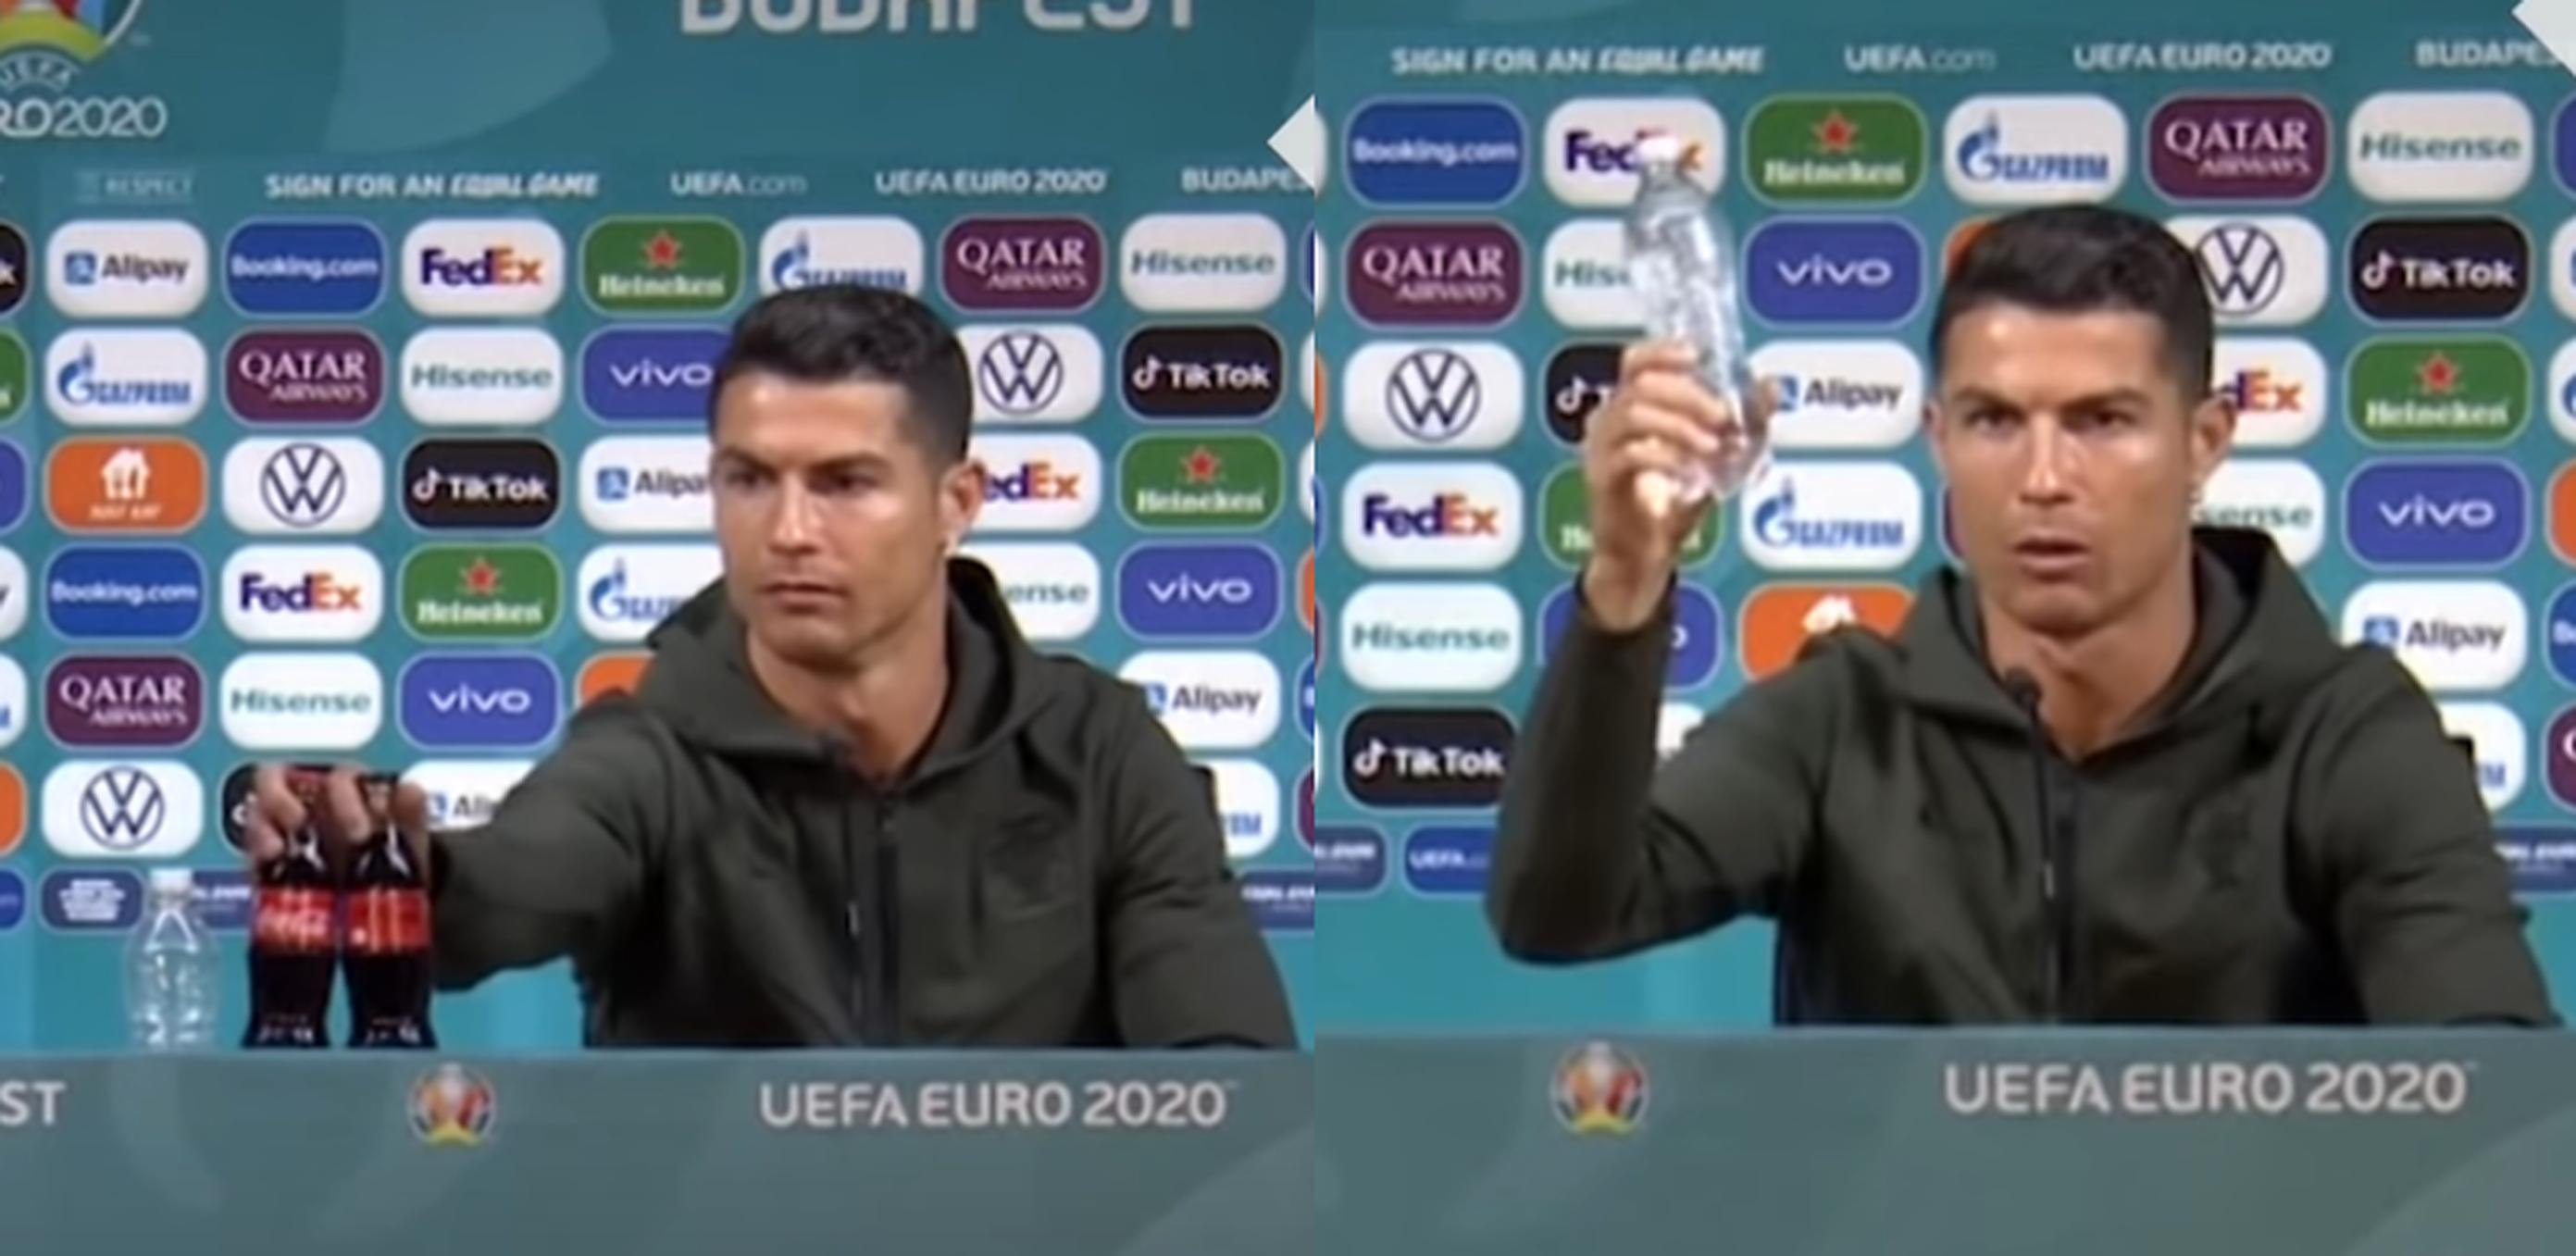 Coca Cola pierde 4 miliarde de dolari după ce Ronaldo a îndepărtat sticlele și a îndemnat spectatorii să bea apă